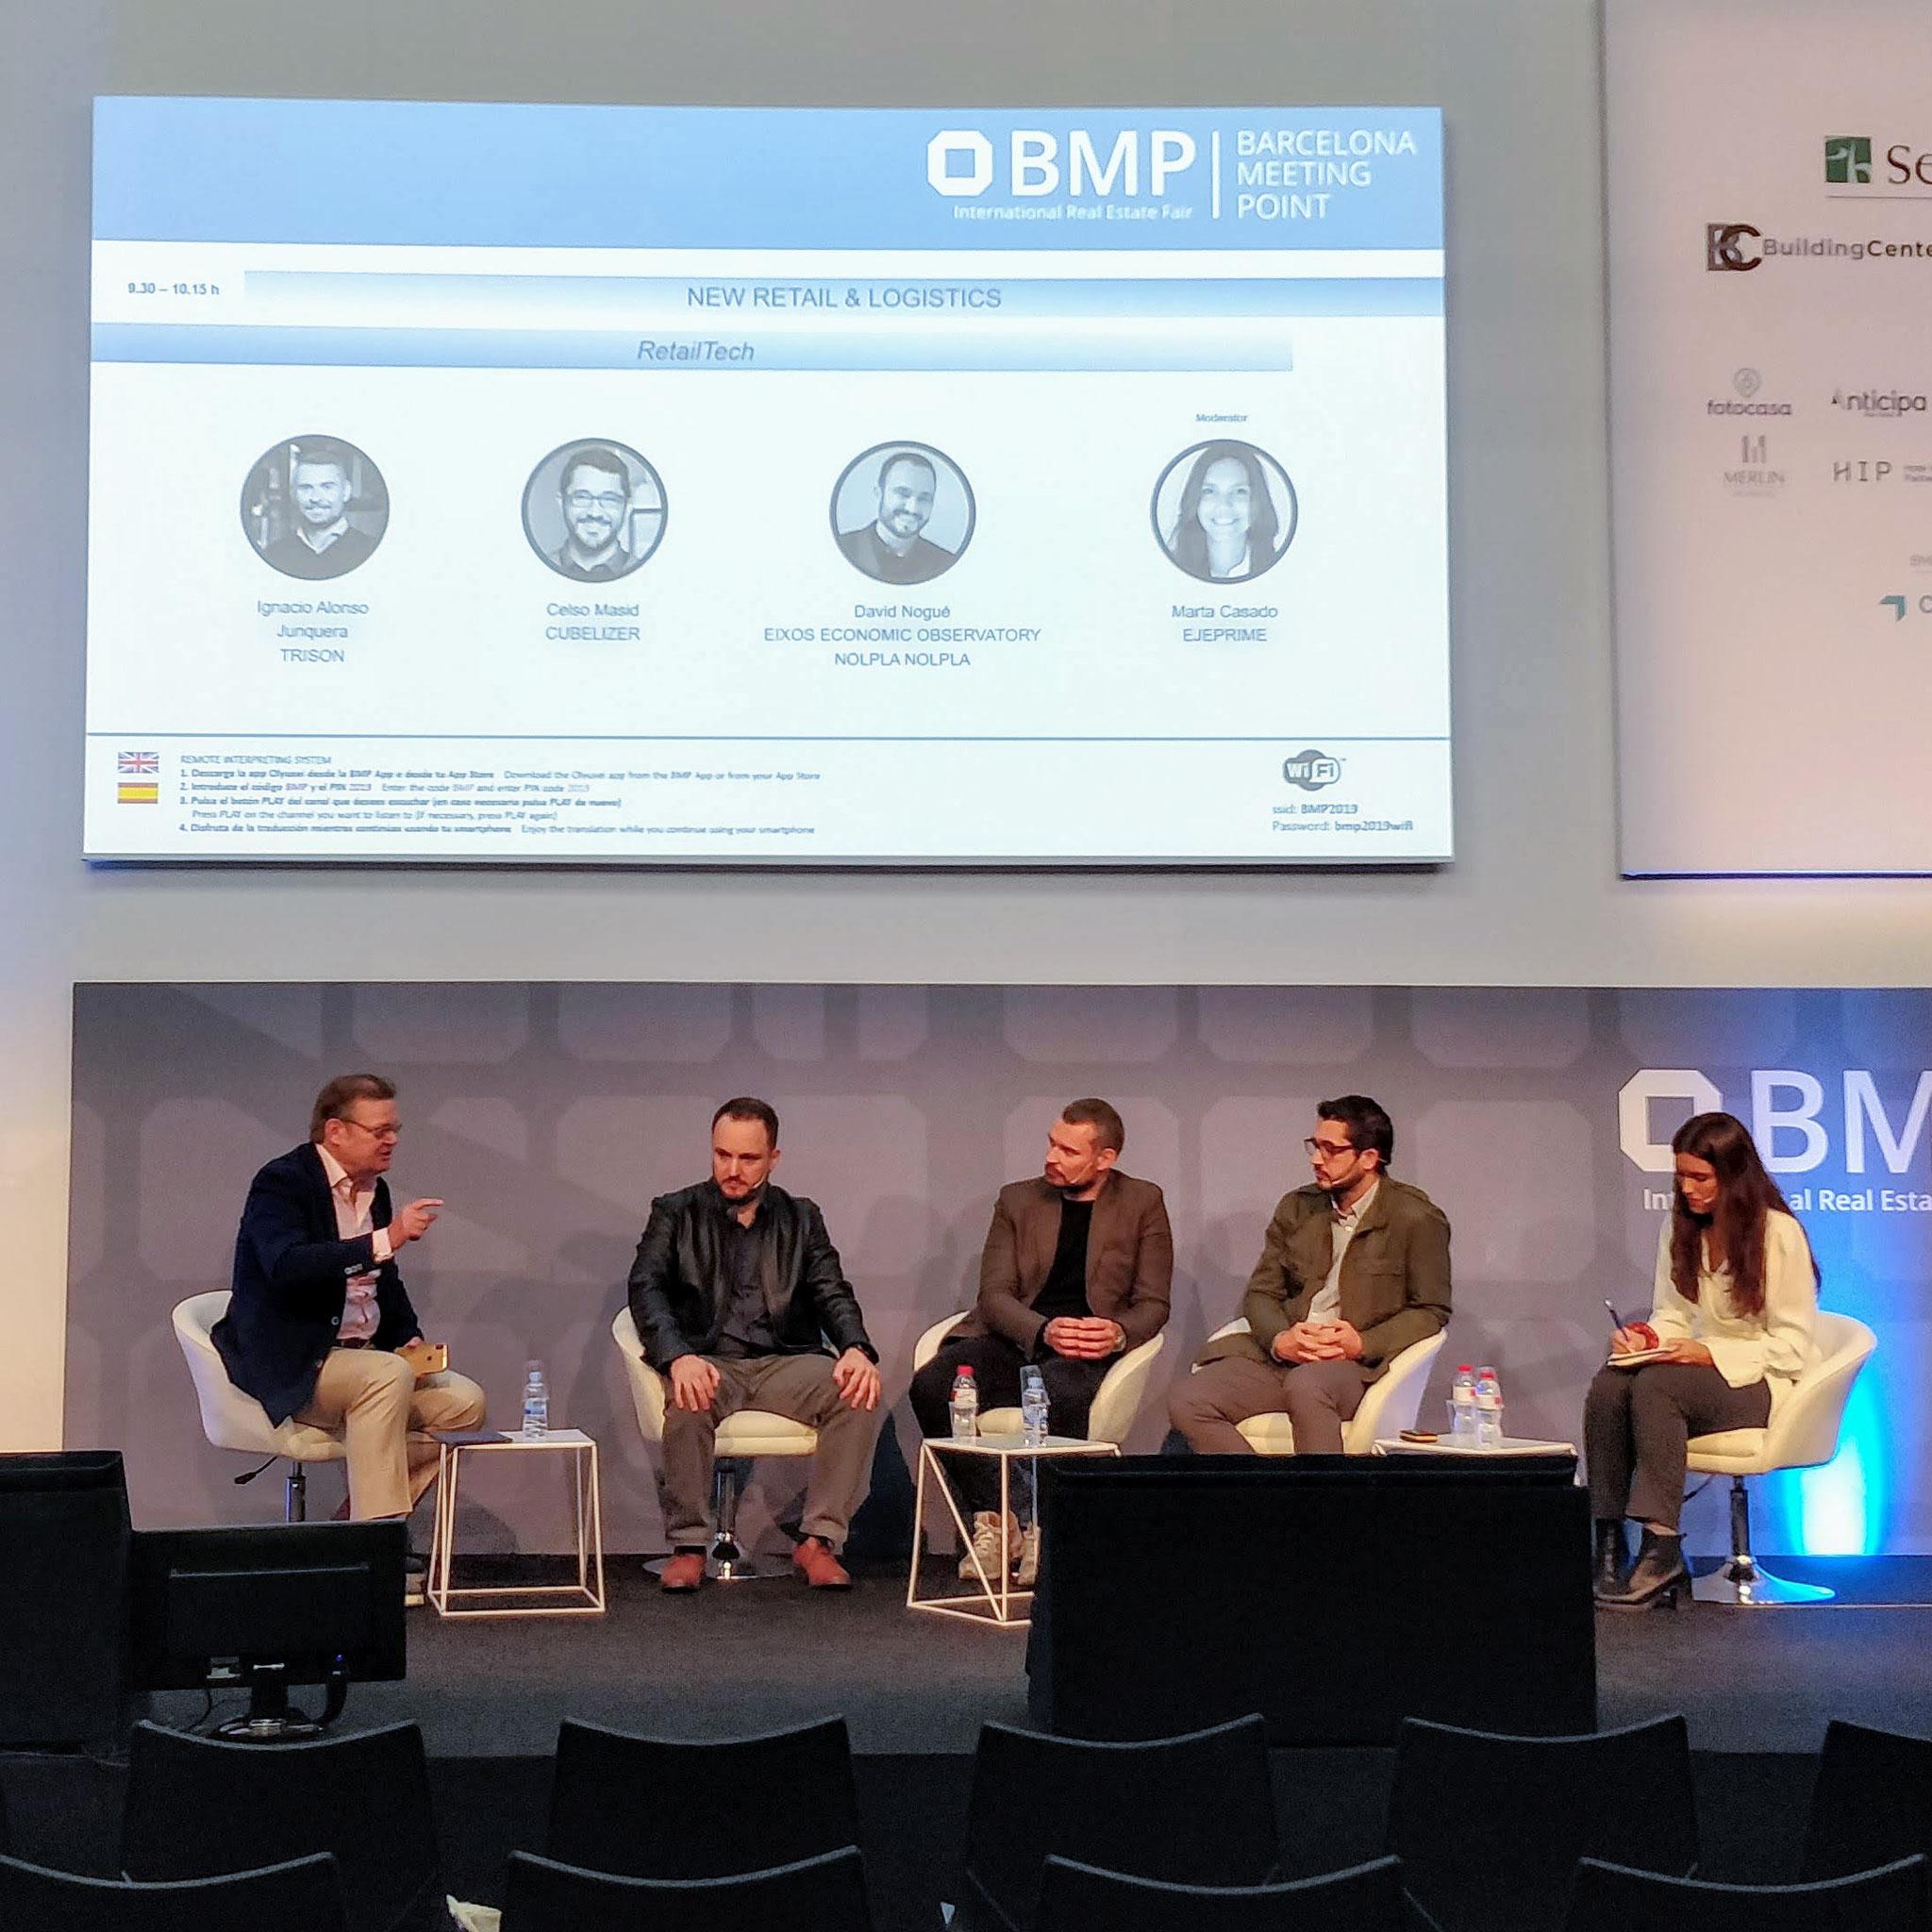 Marta Casado; Ignacio Alonso Junquera; Celso L. Masid; David Nogué; Antony Slumbers